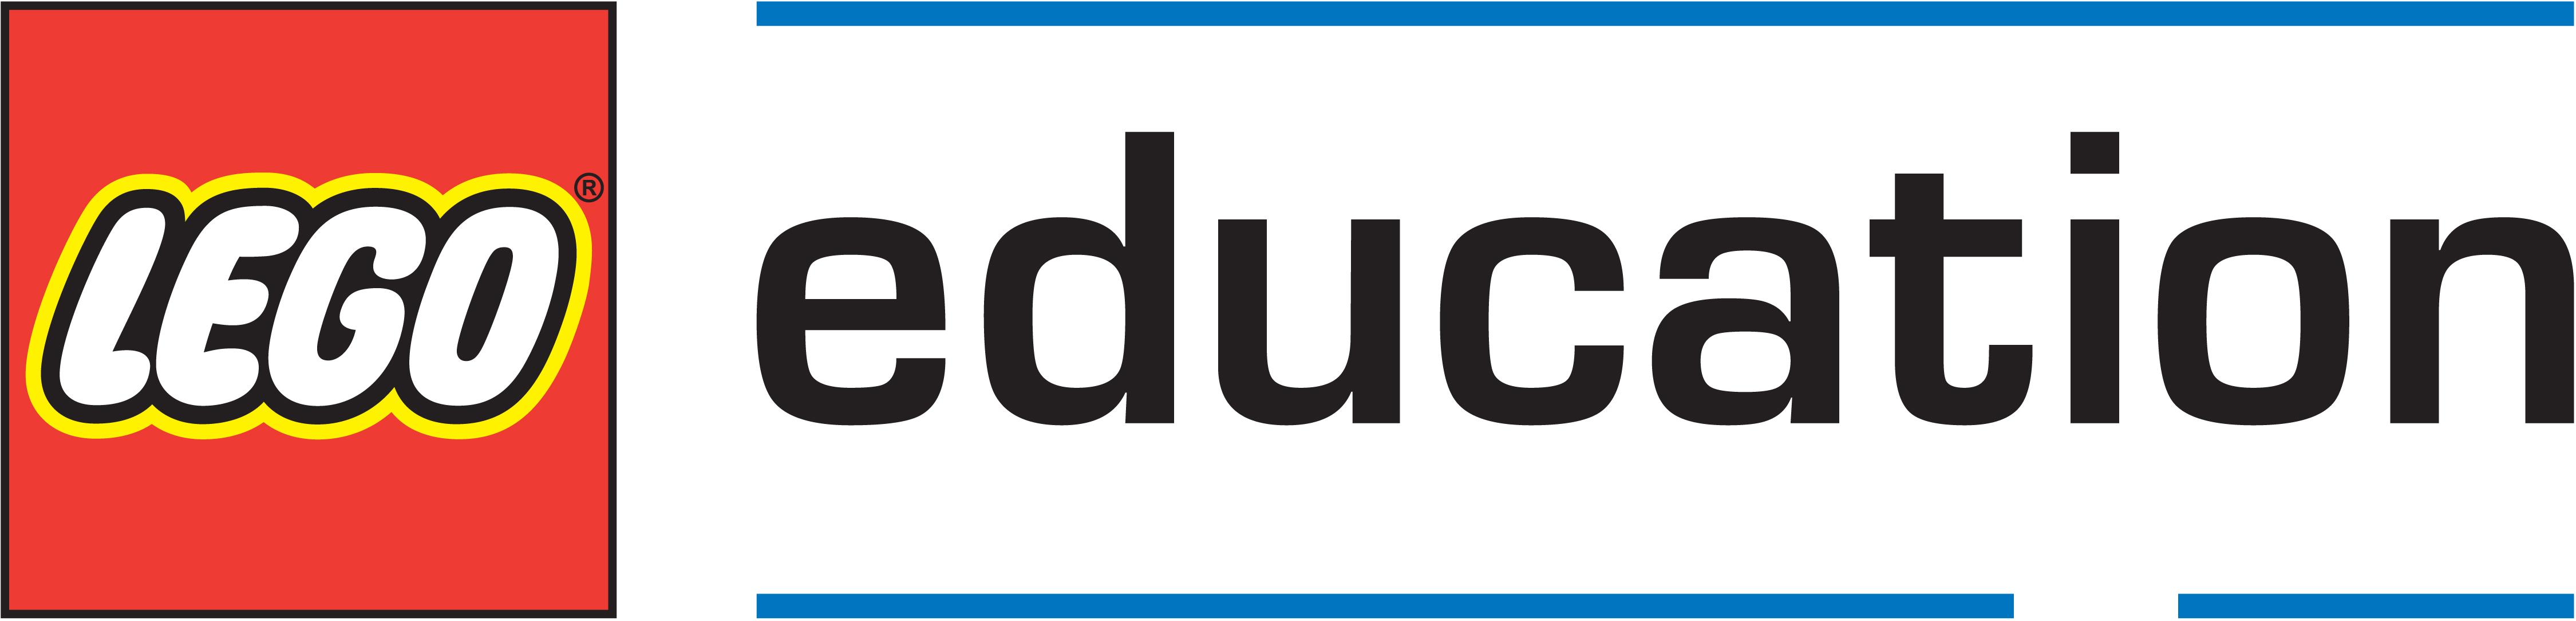 lego-ed-logo